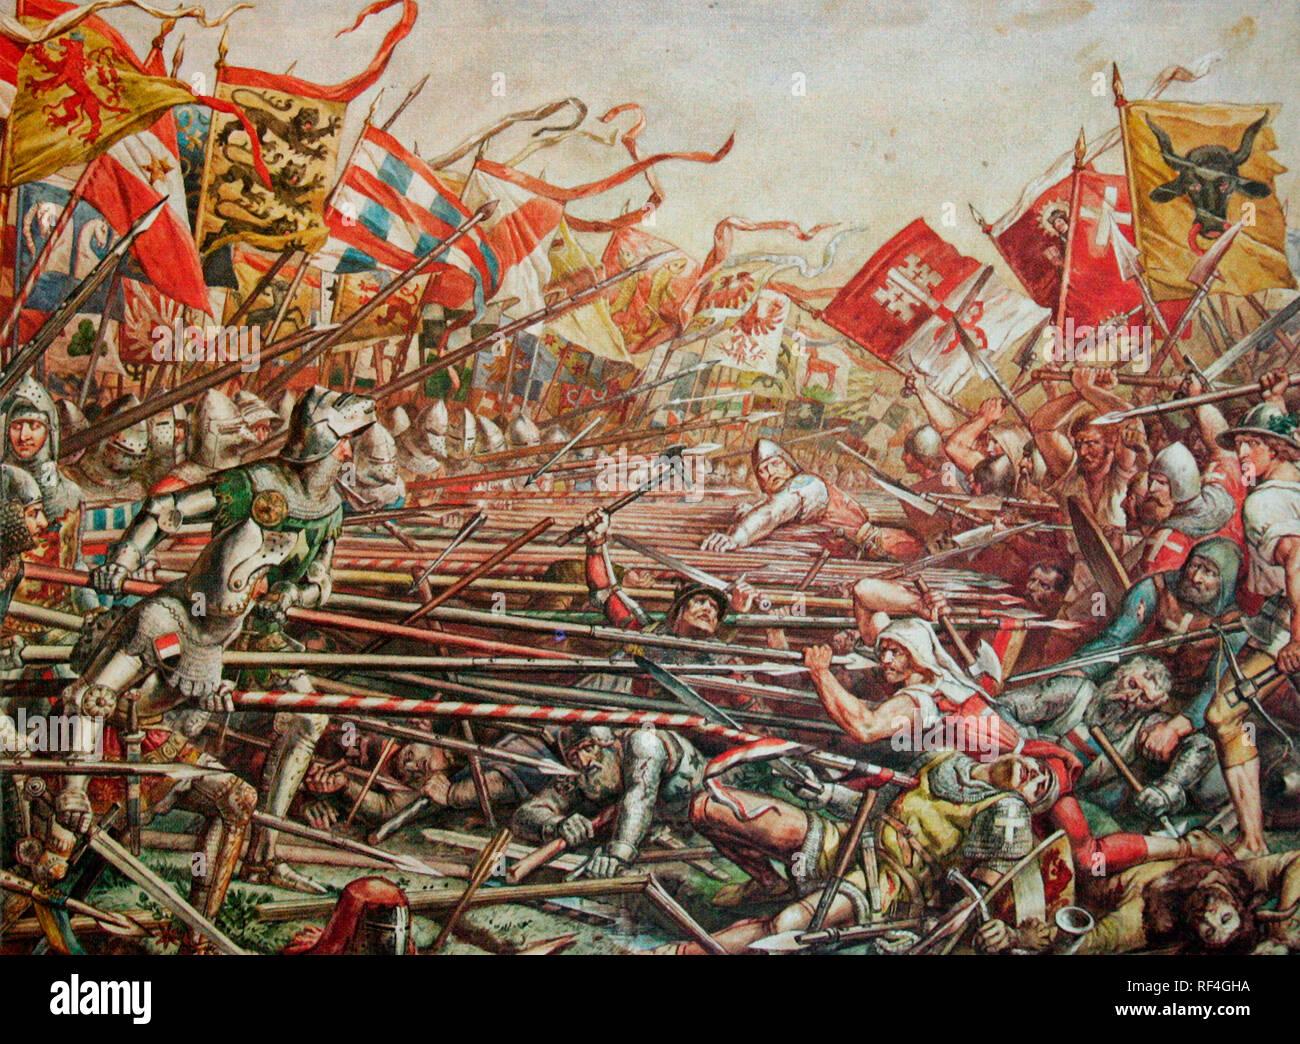 La battaglia di Sempach - La battaglia di Sempach è stata combattuta il 9 luglio 1386, tra Leopoldo III Duca di Austria e la Vecchia Confederazione Svizzera. La battaglia è stata una decisiva vittoria della Svizzera in cui il Duca Leopoldo e numerose nobili austriaci sono morti. Immagini Stock